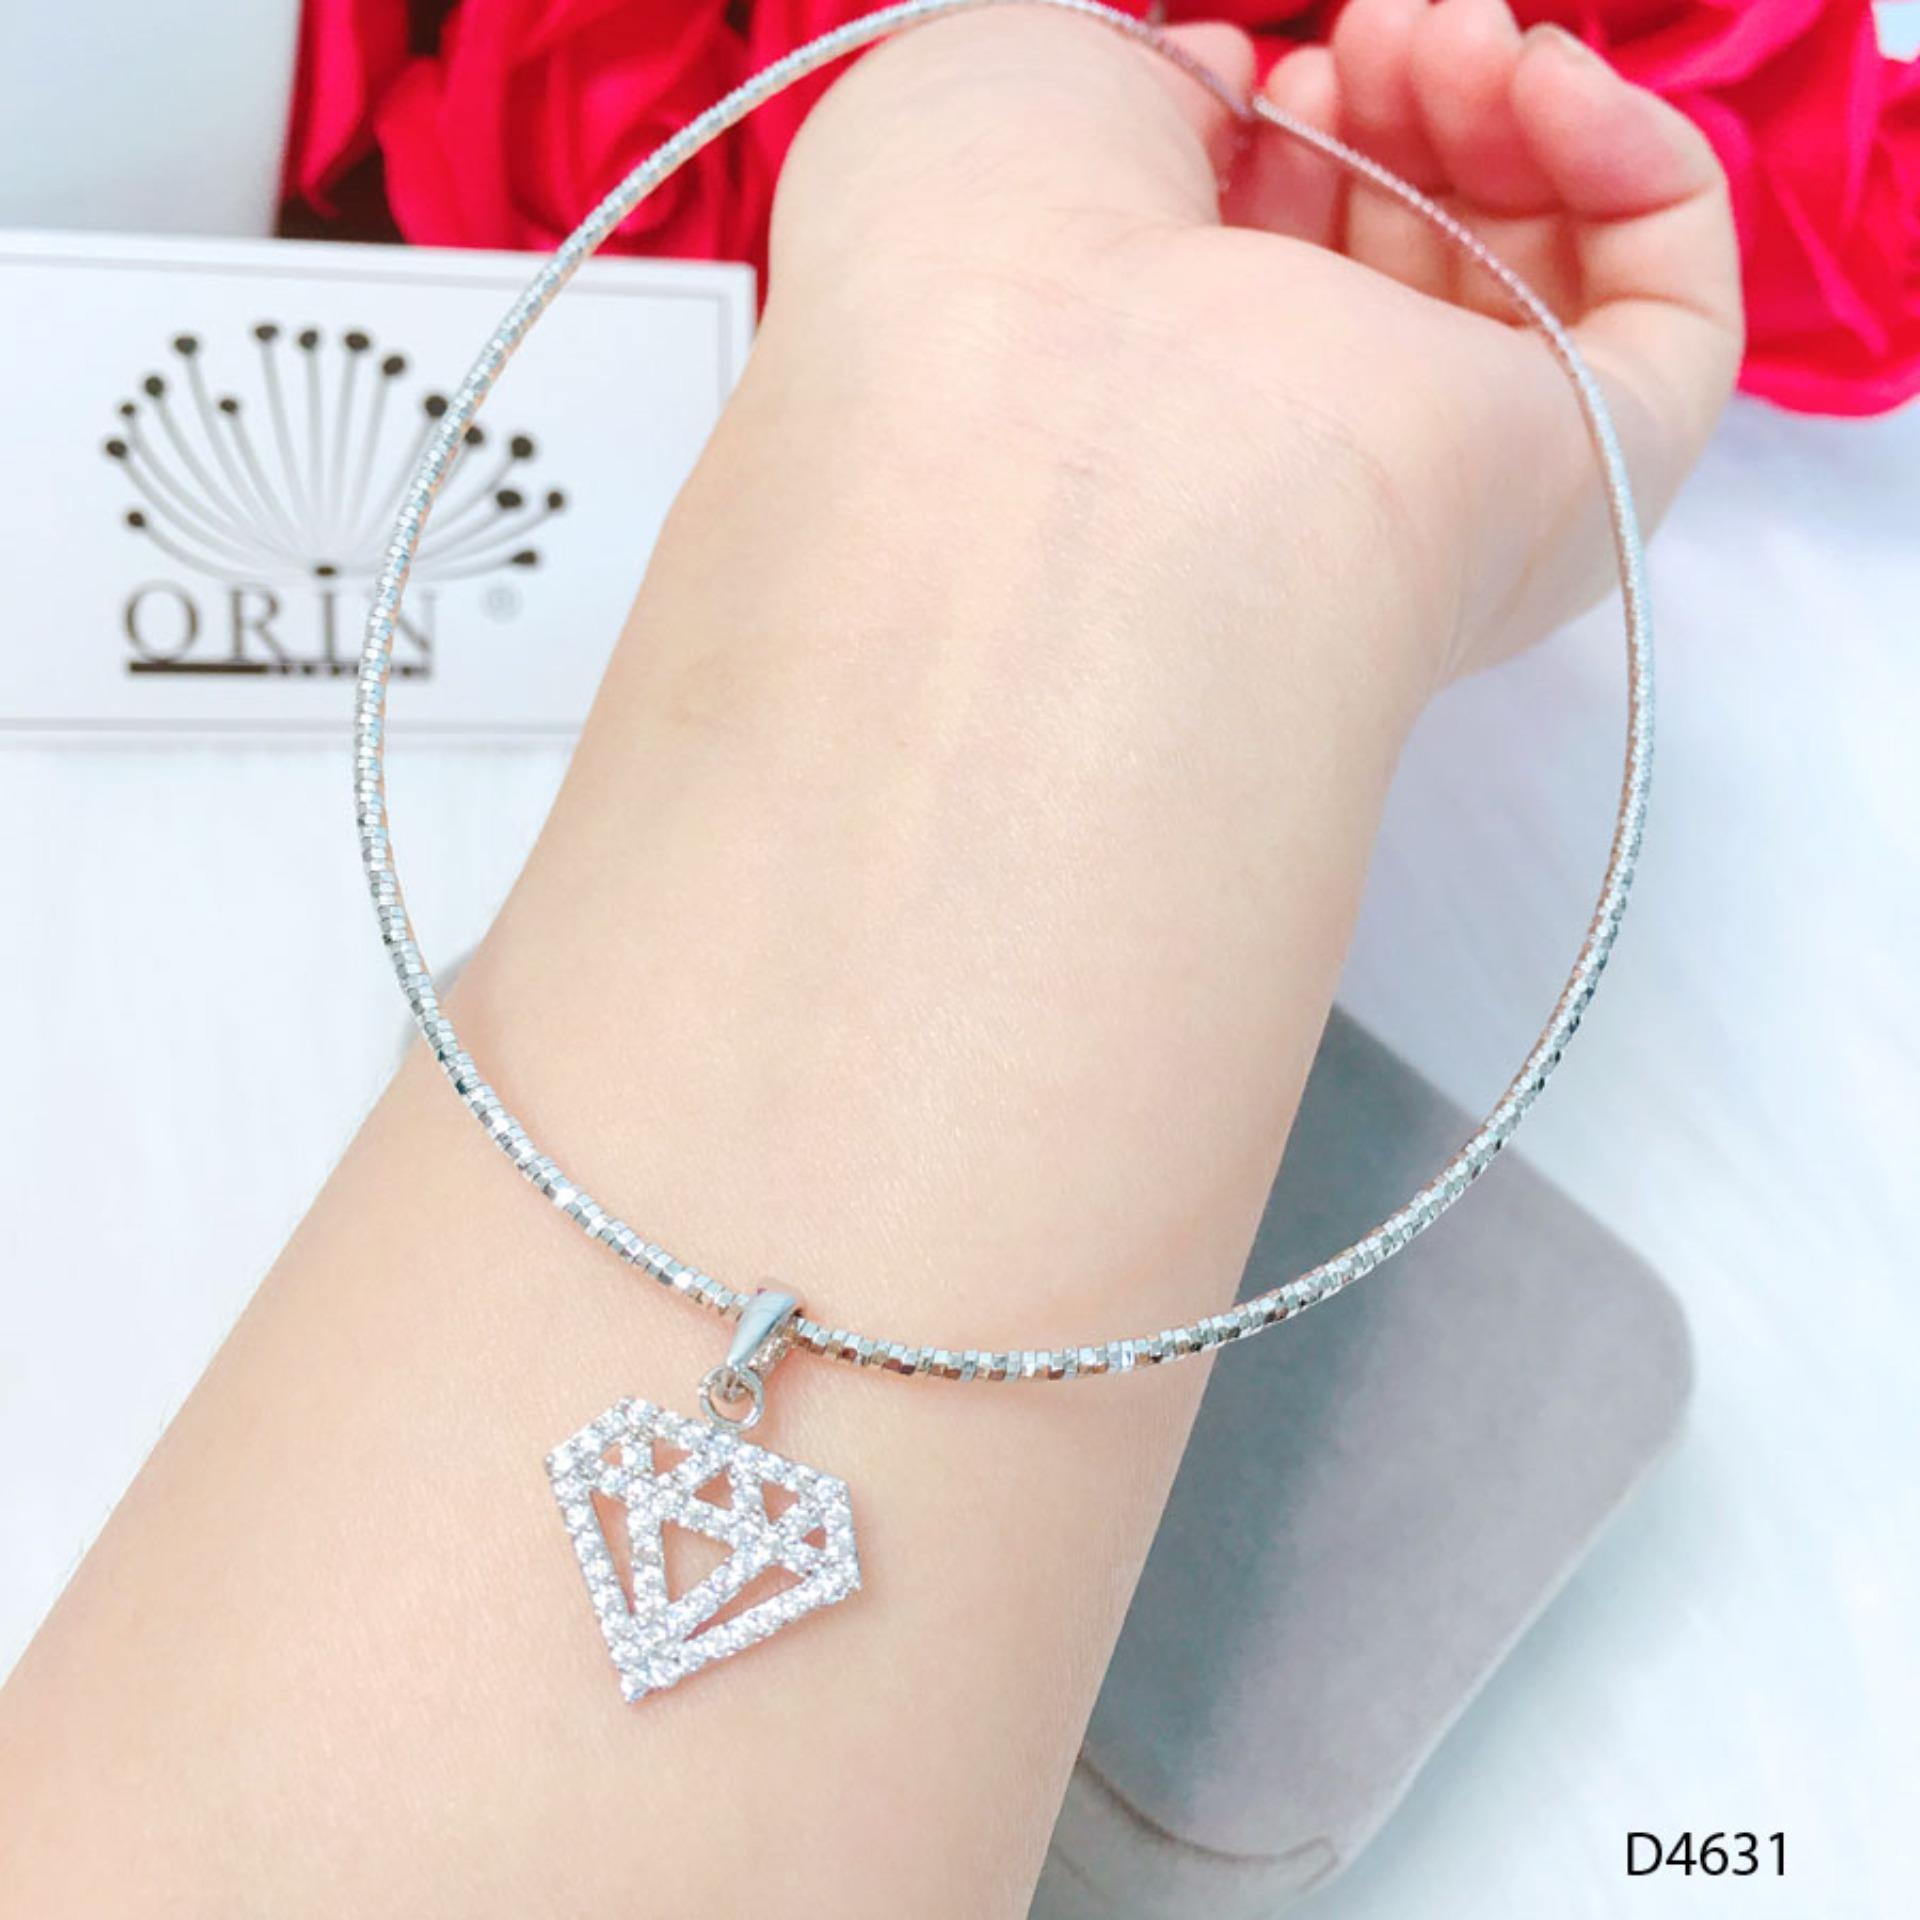 Kiềng dẻo, kiềng cổ bạc mặt hình kim cương thiết kế cao cấp Orin D4631